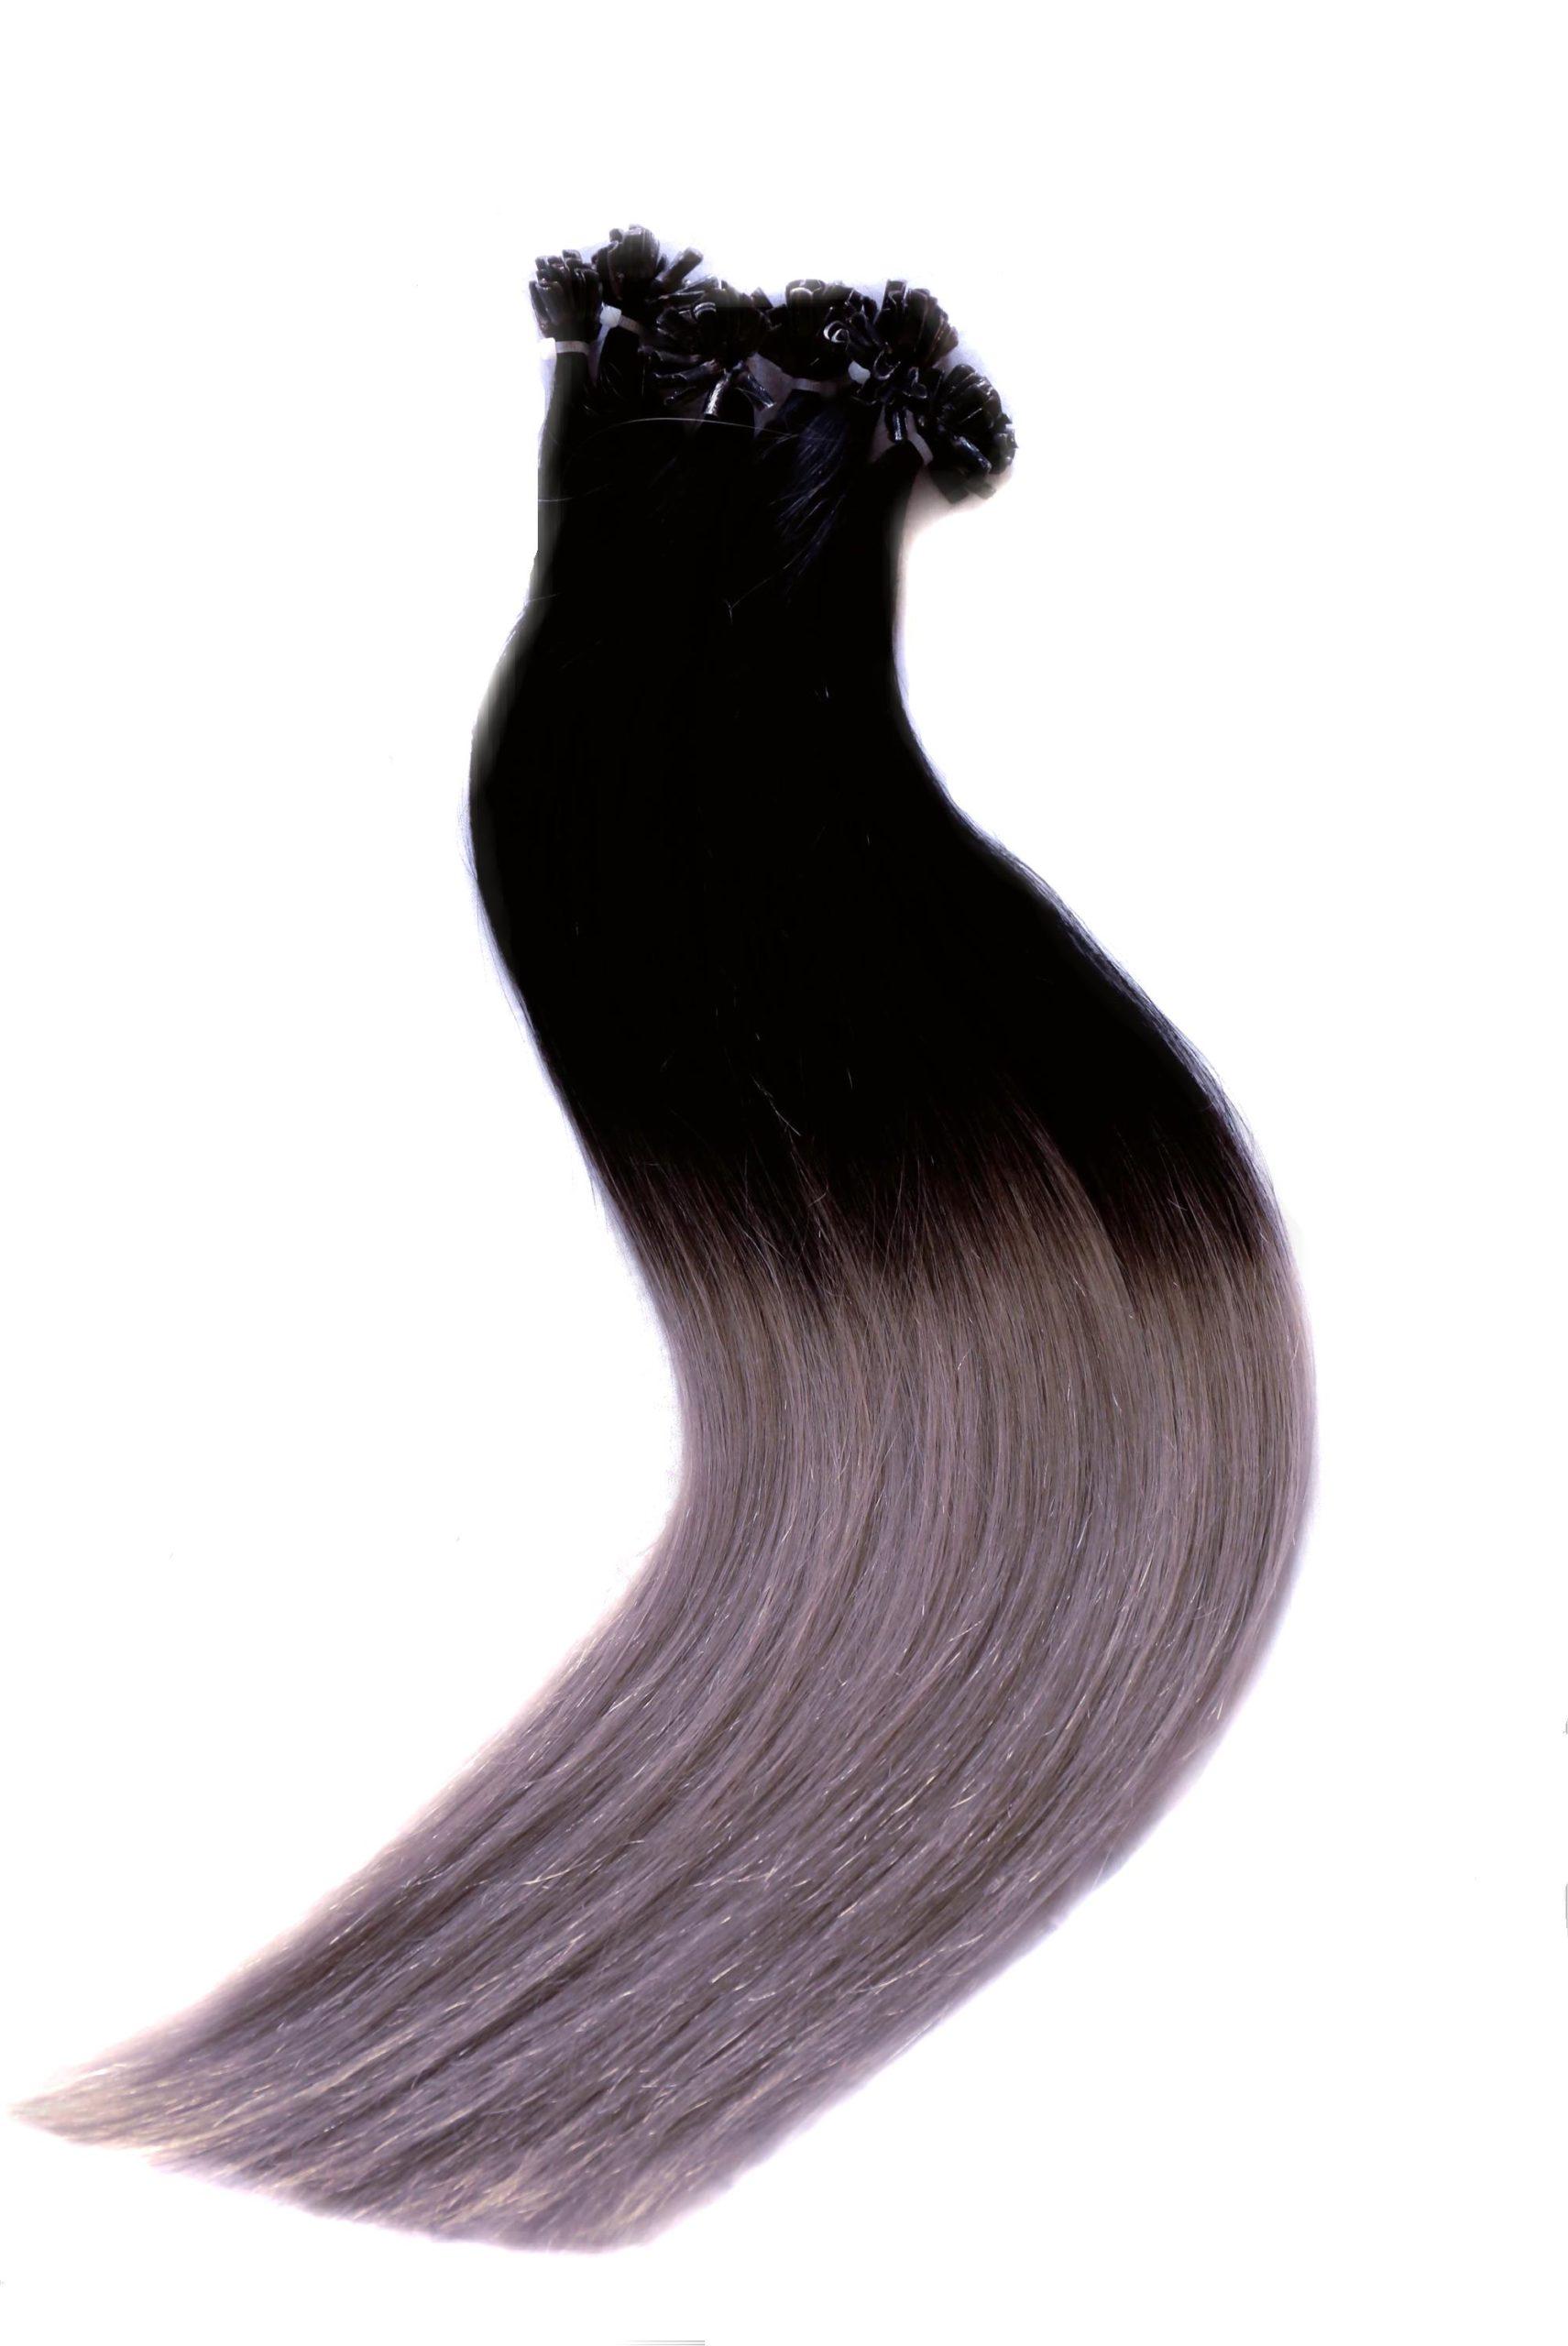 25 REMY OMBRE Style indische Echthaar Strähnen - 0,8 Gramm pro Strähne # OMBRE SCHWARZ/GRAU